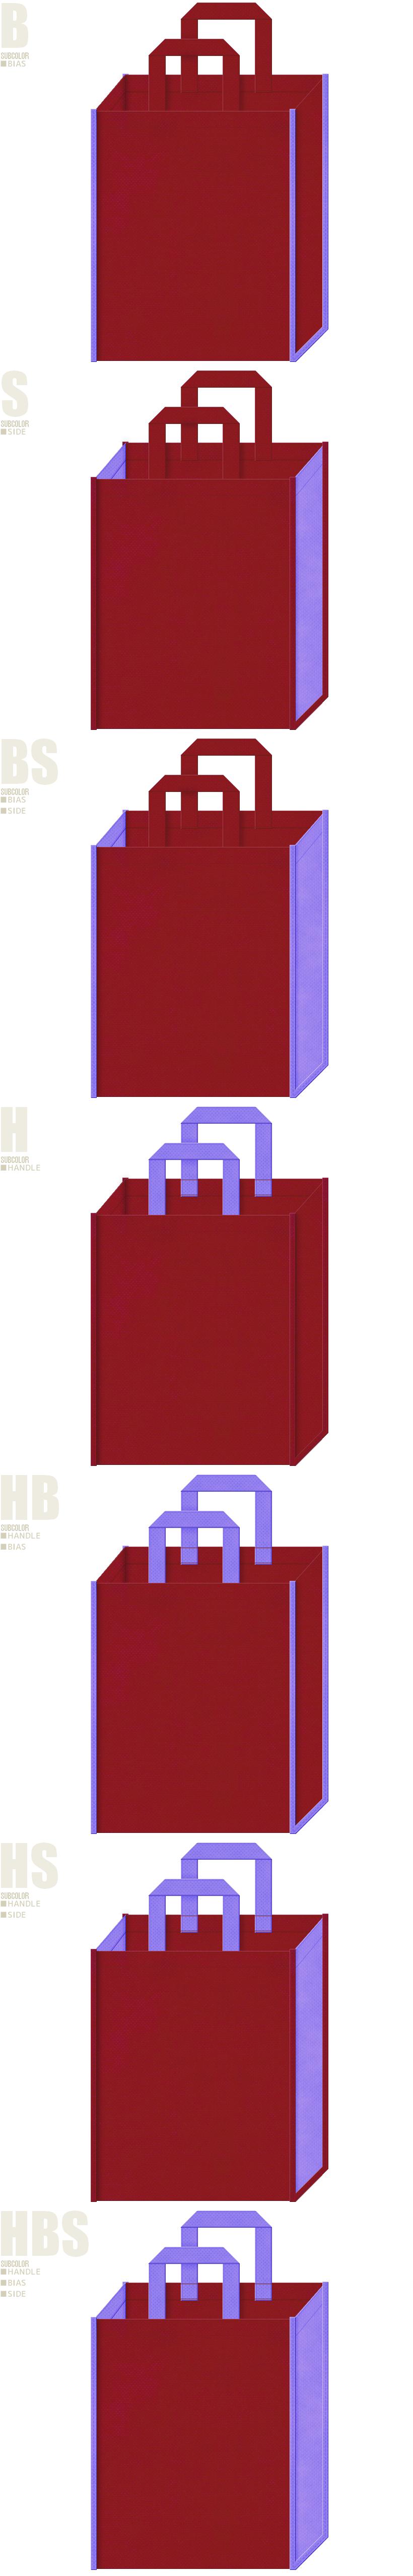 エンジ色と薄紫色、7パターンの不織布トートバッグ配色デザイン例。